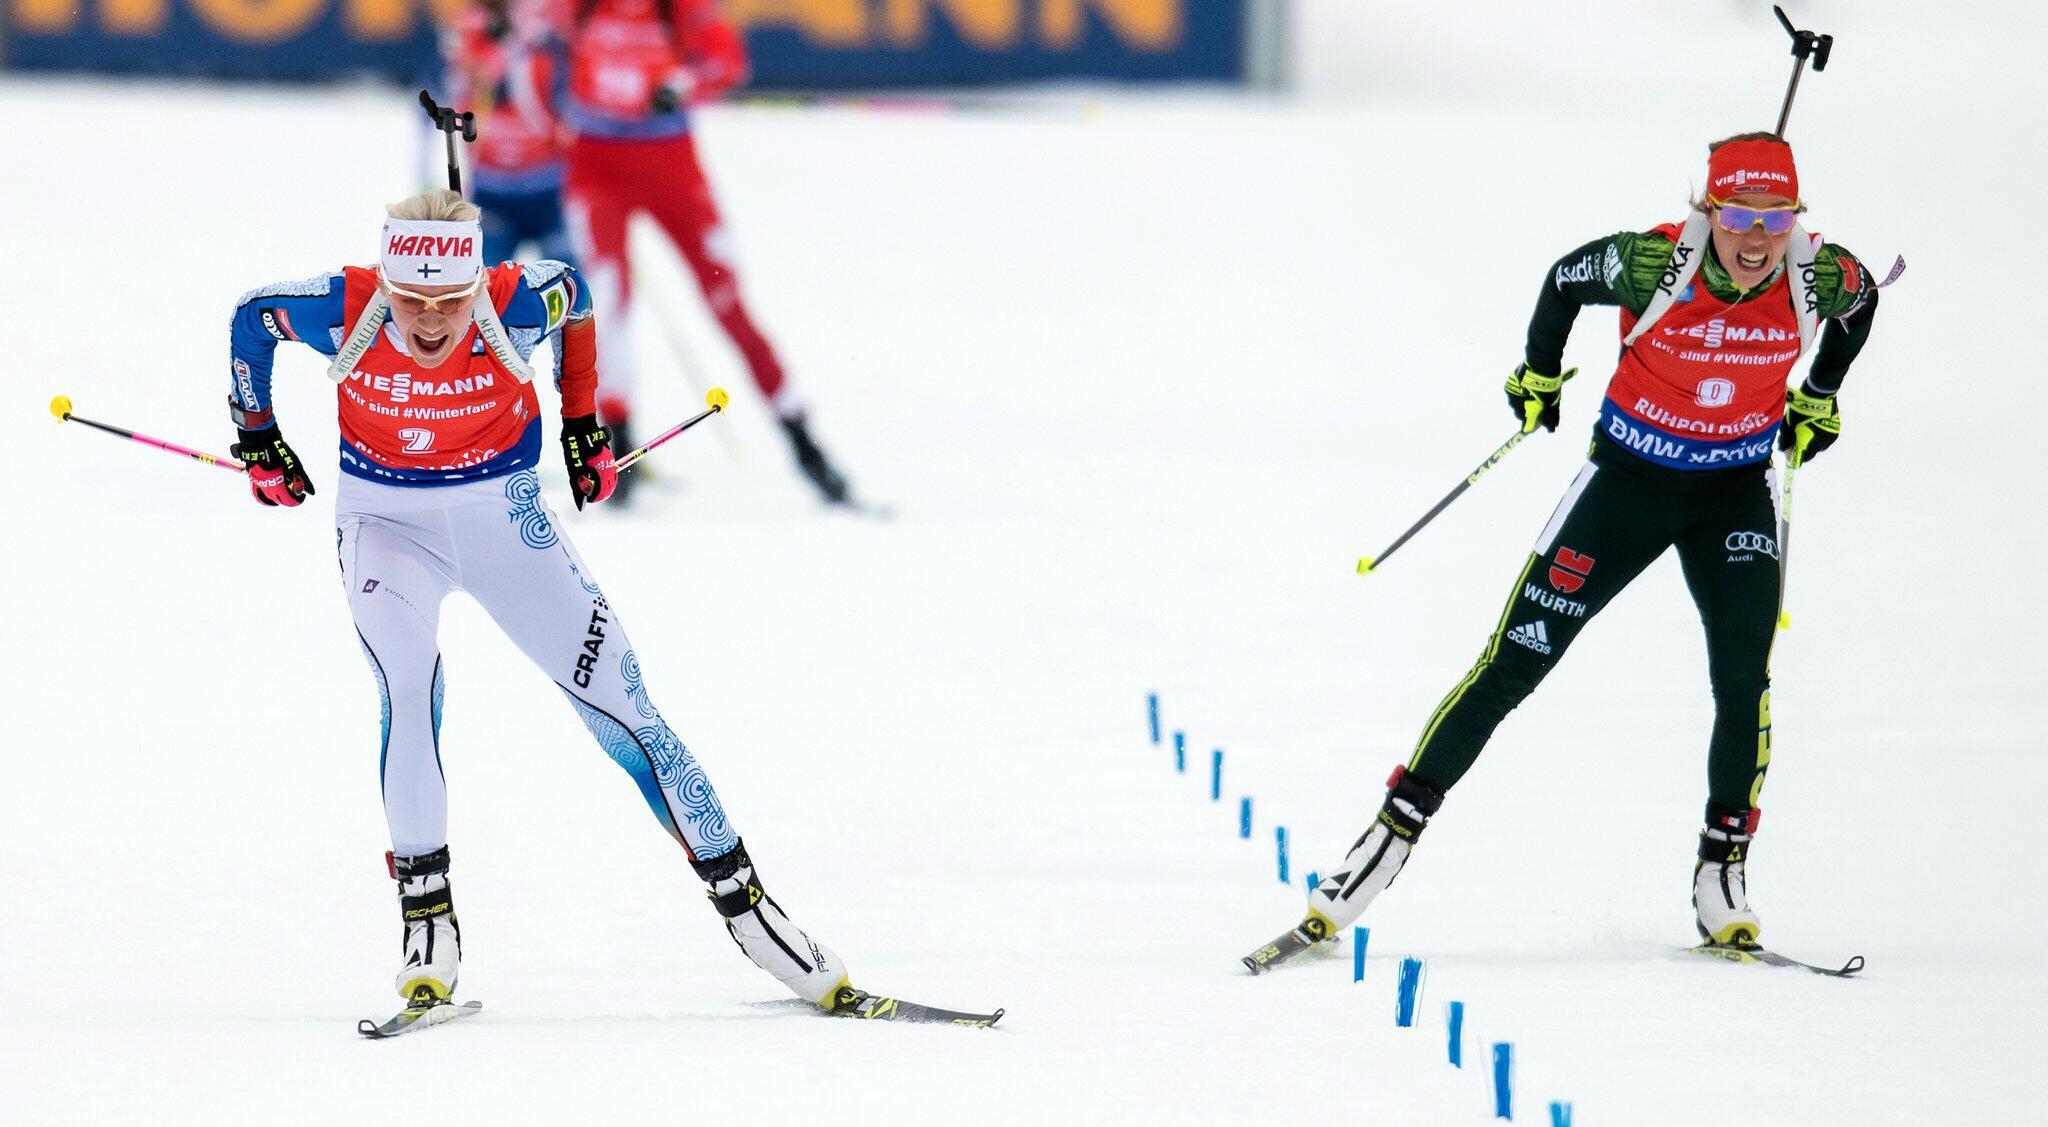 Bild zu Biathlon-Weltcup Ruhpolding - Massenstart Damen